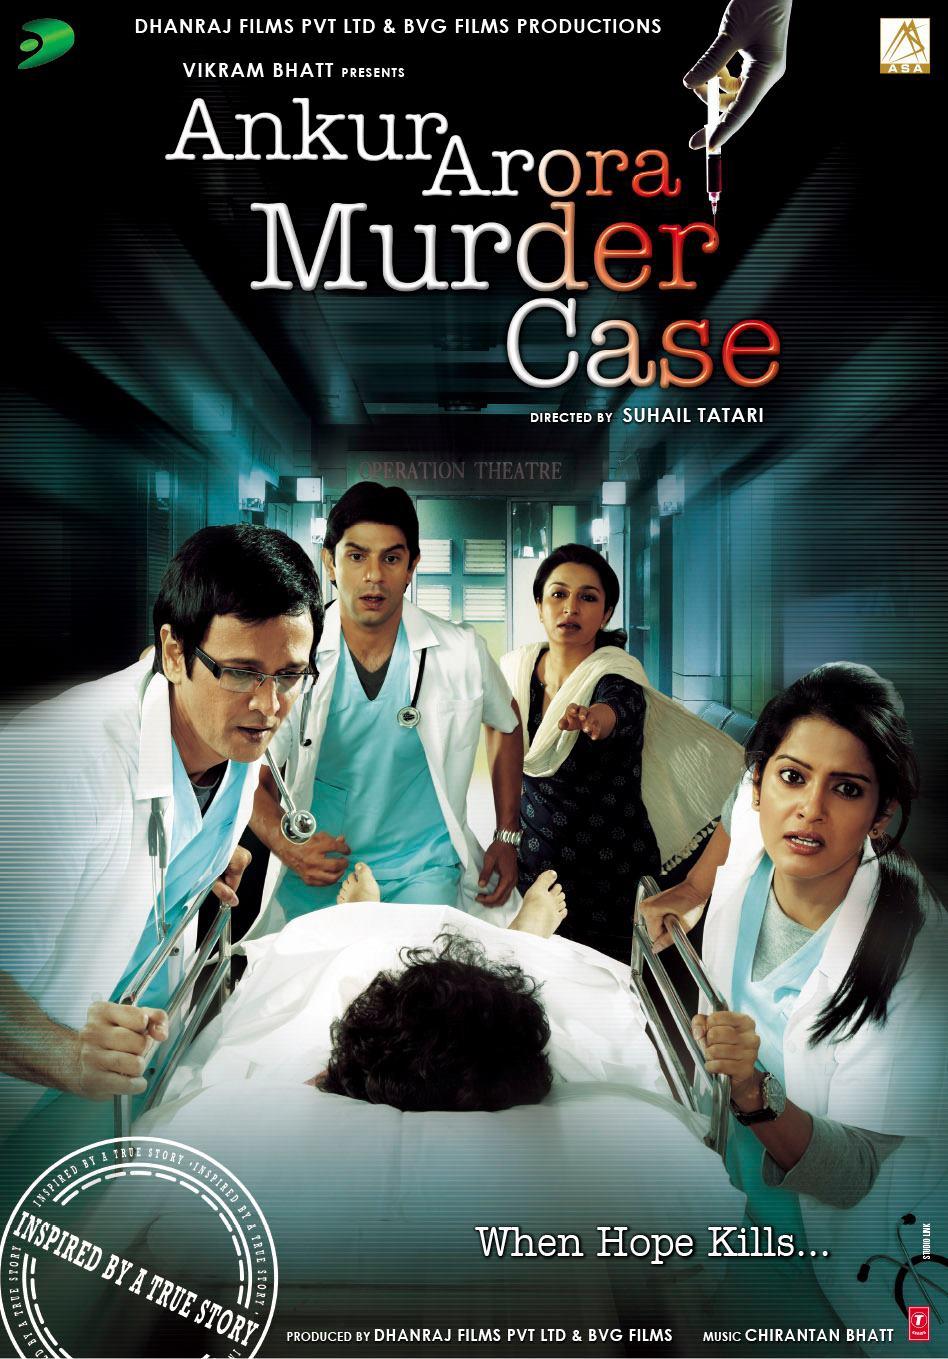 Ankur Arora Murder Case - Movie Poster #1 (Original)